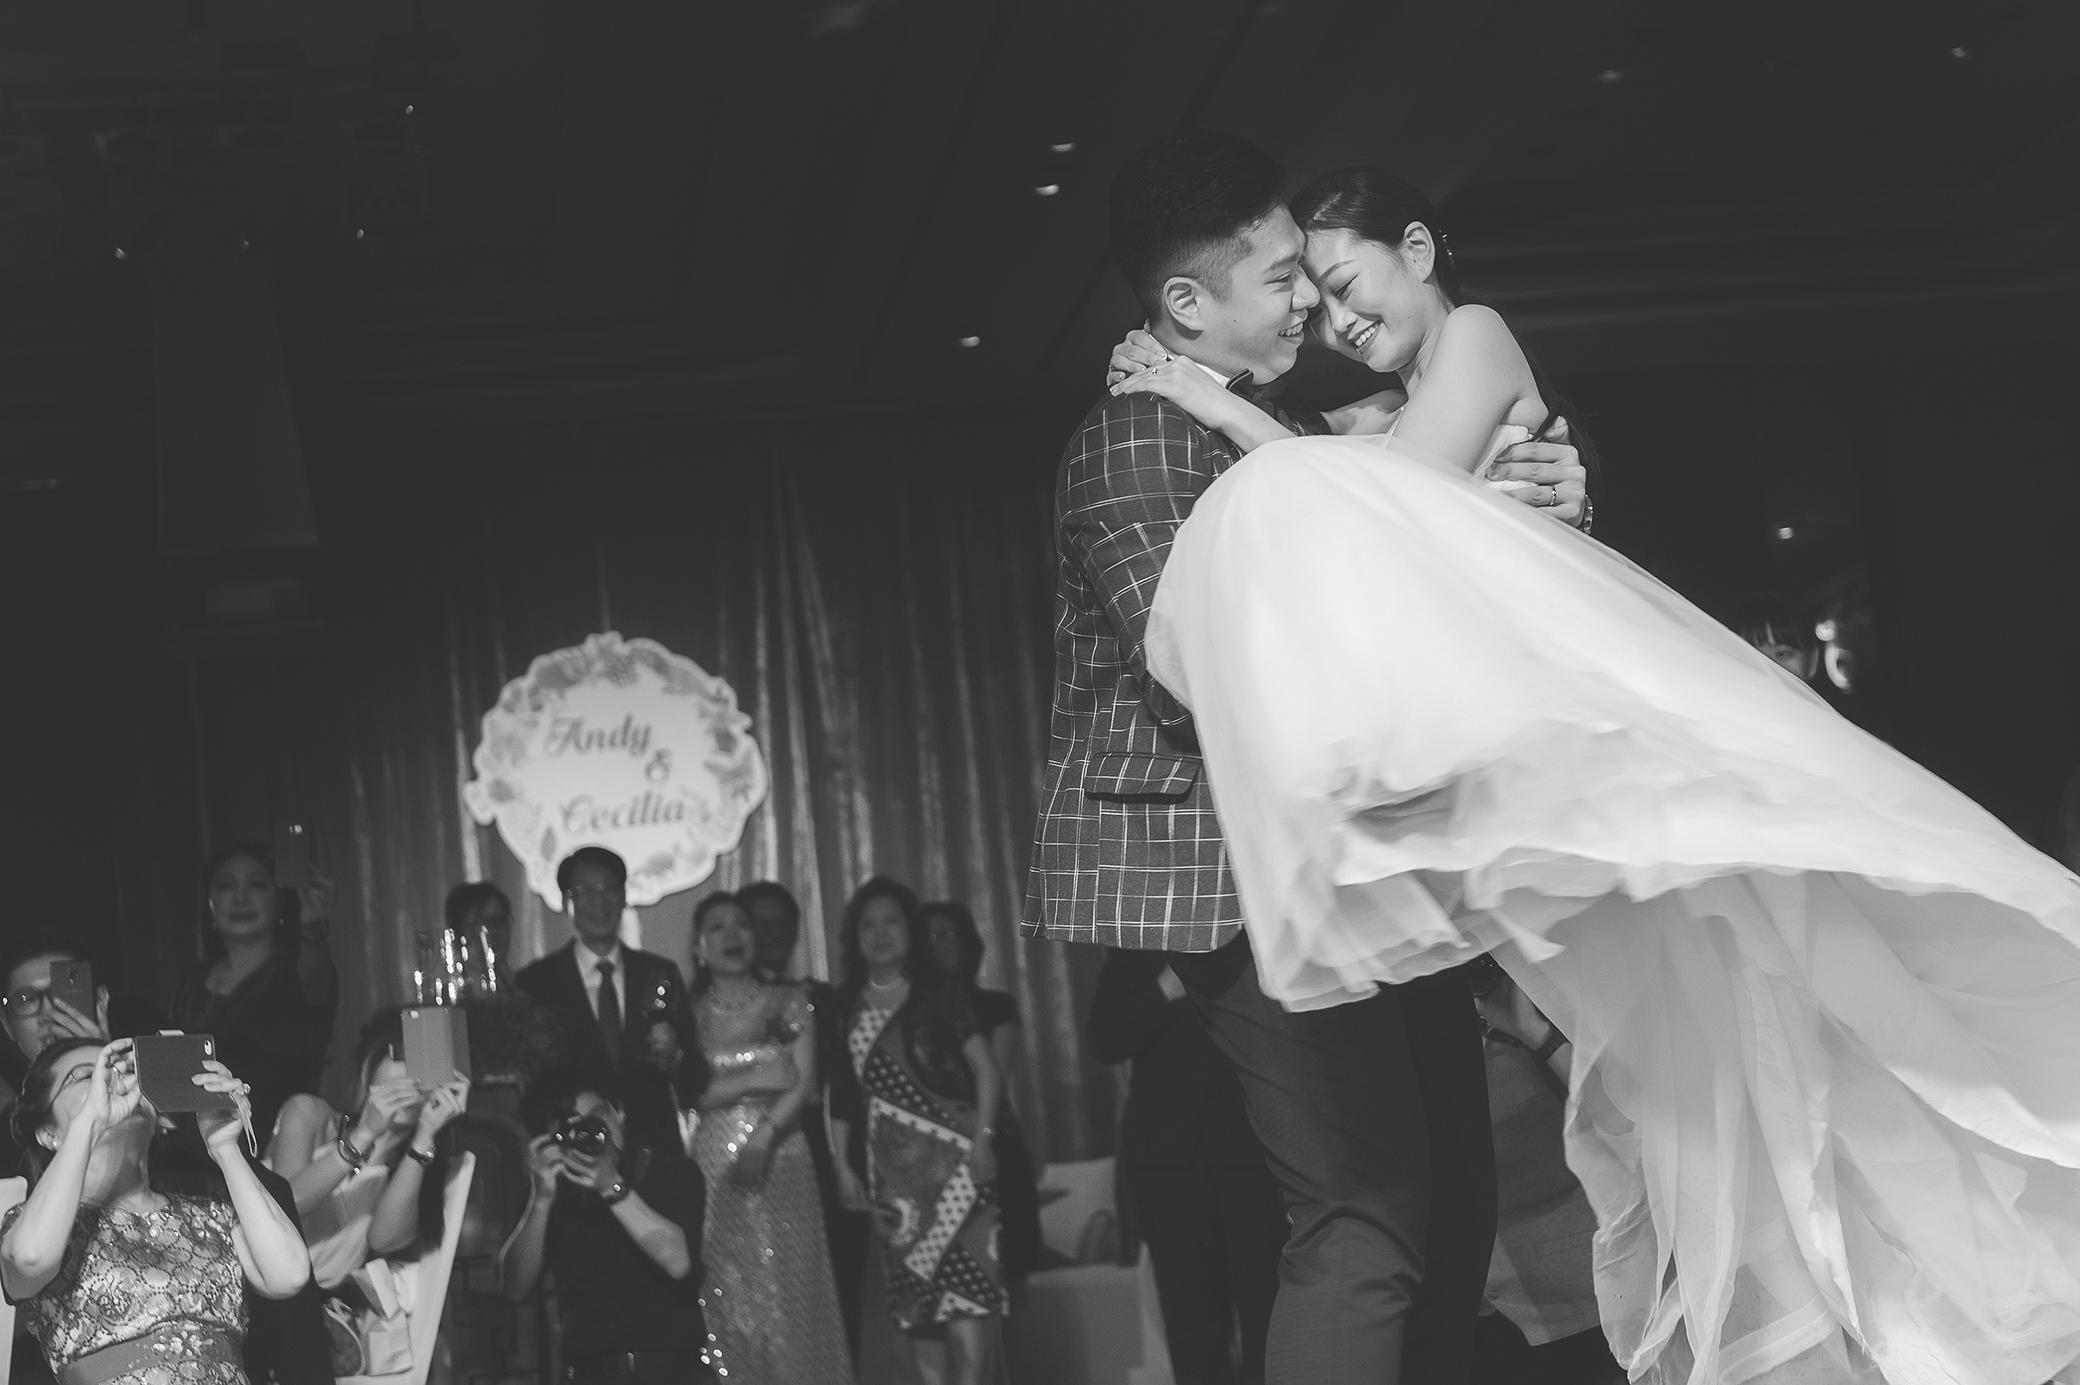 nickchang-wedding-%e5%af%92%e8%88%8d%e8%89%be%e9%ba%97-fineart-59